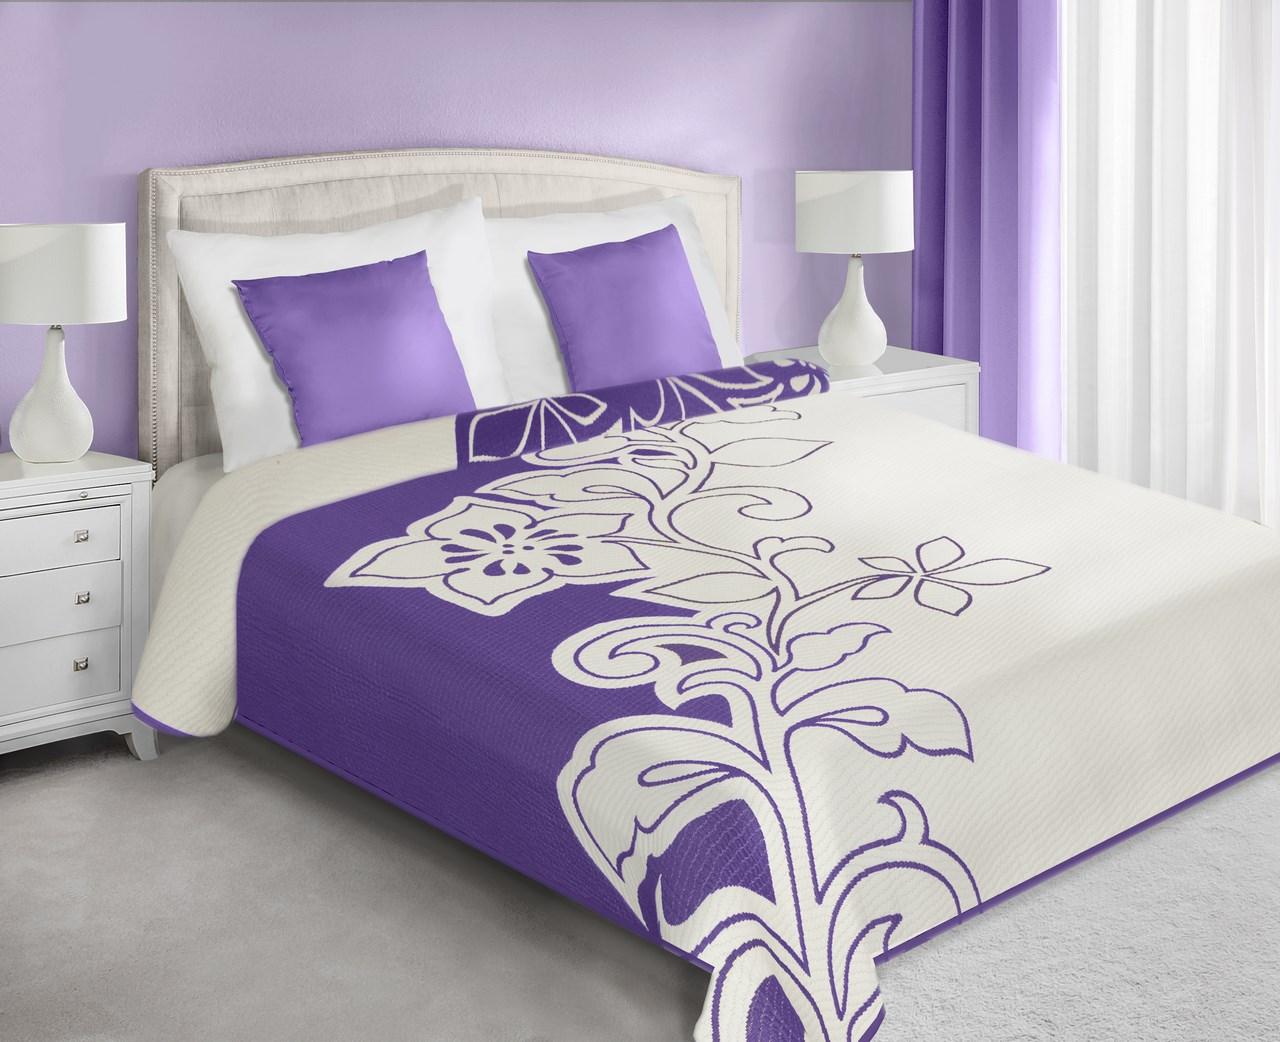 Přehoz na postel 210x170cm - Eurofirany - Zeno (fialová)